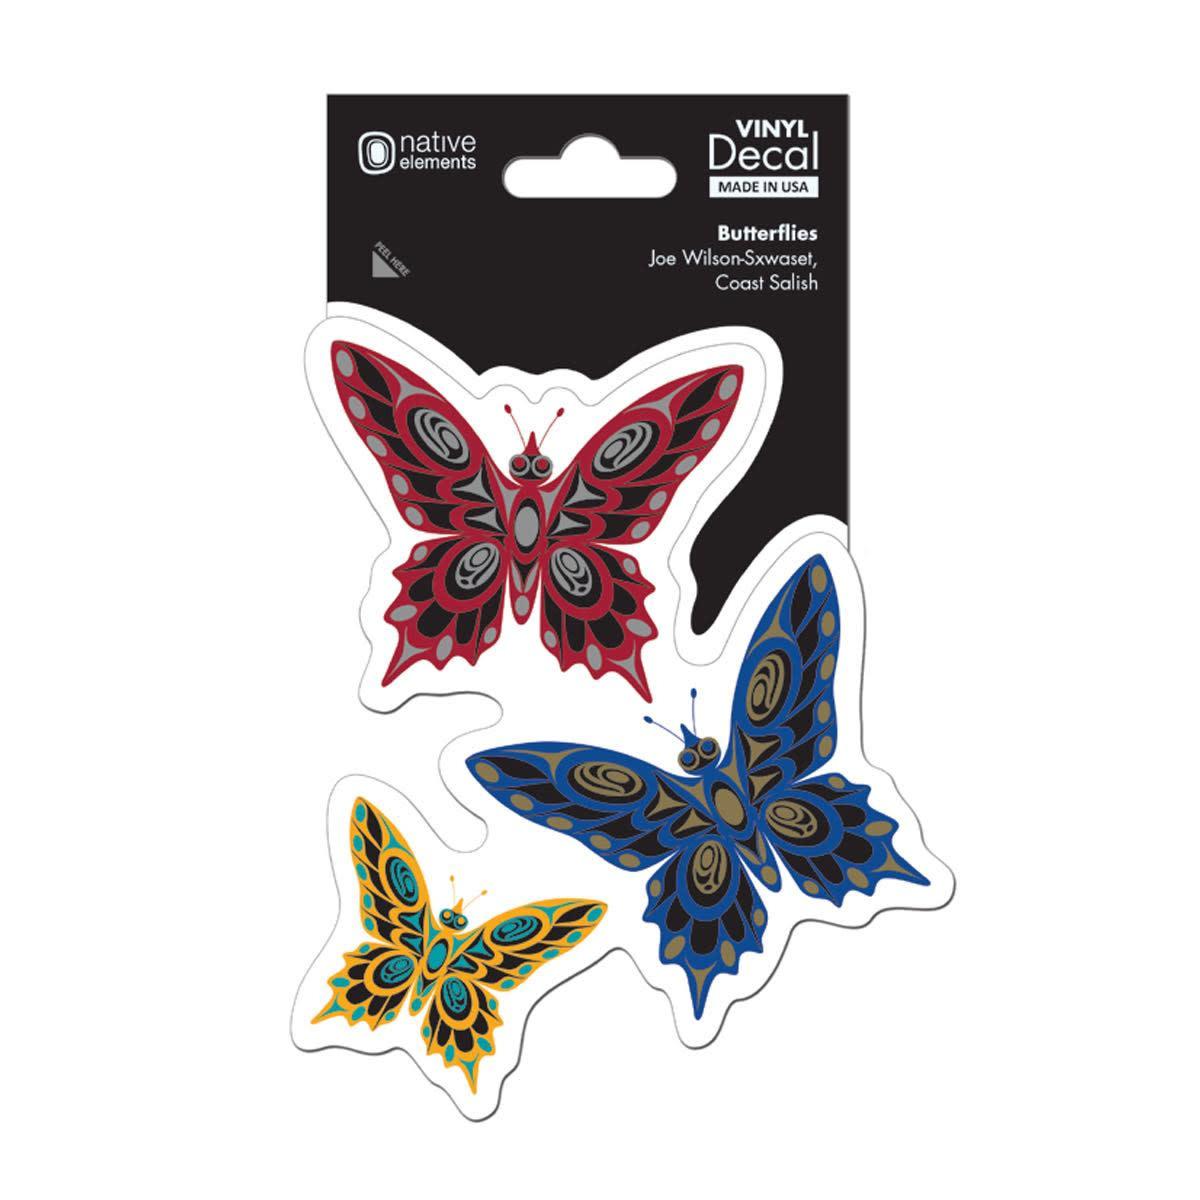 Decal-Butterflies by Joe Wilson-Sxwaset-1